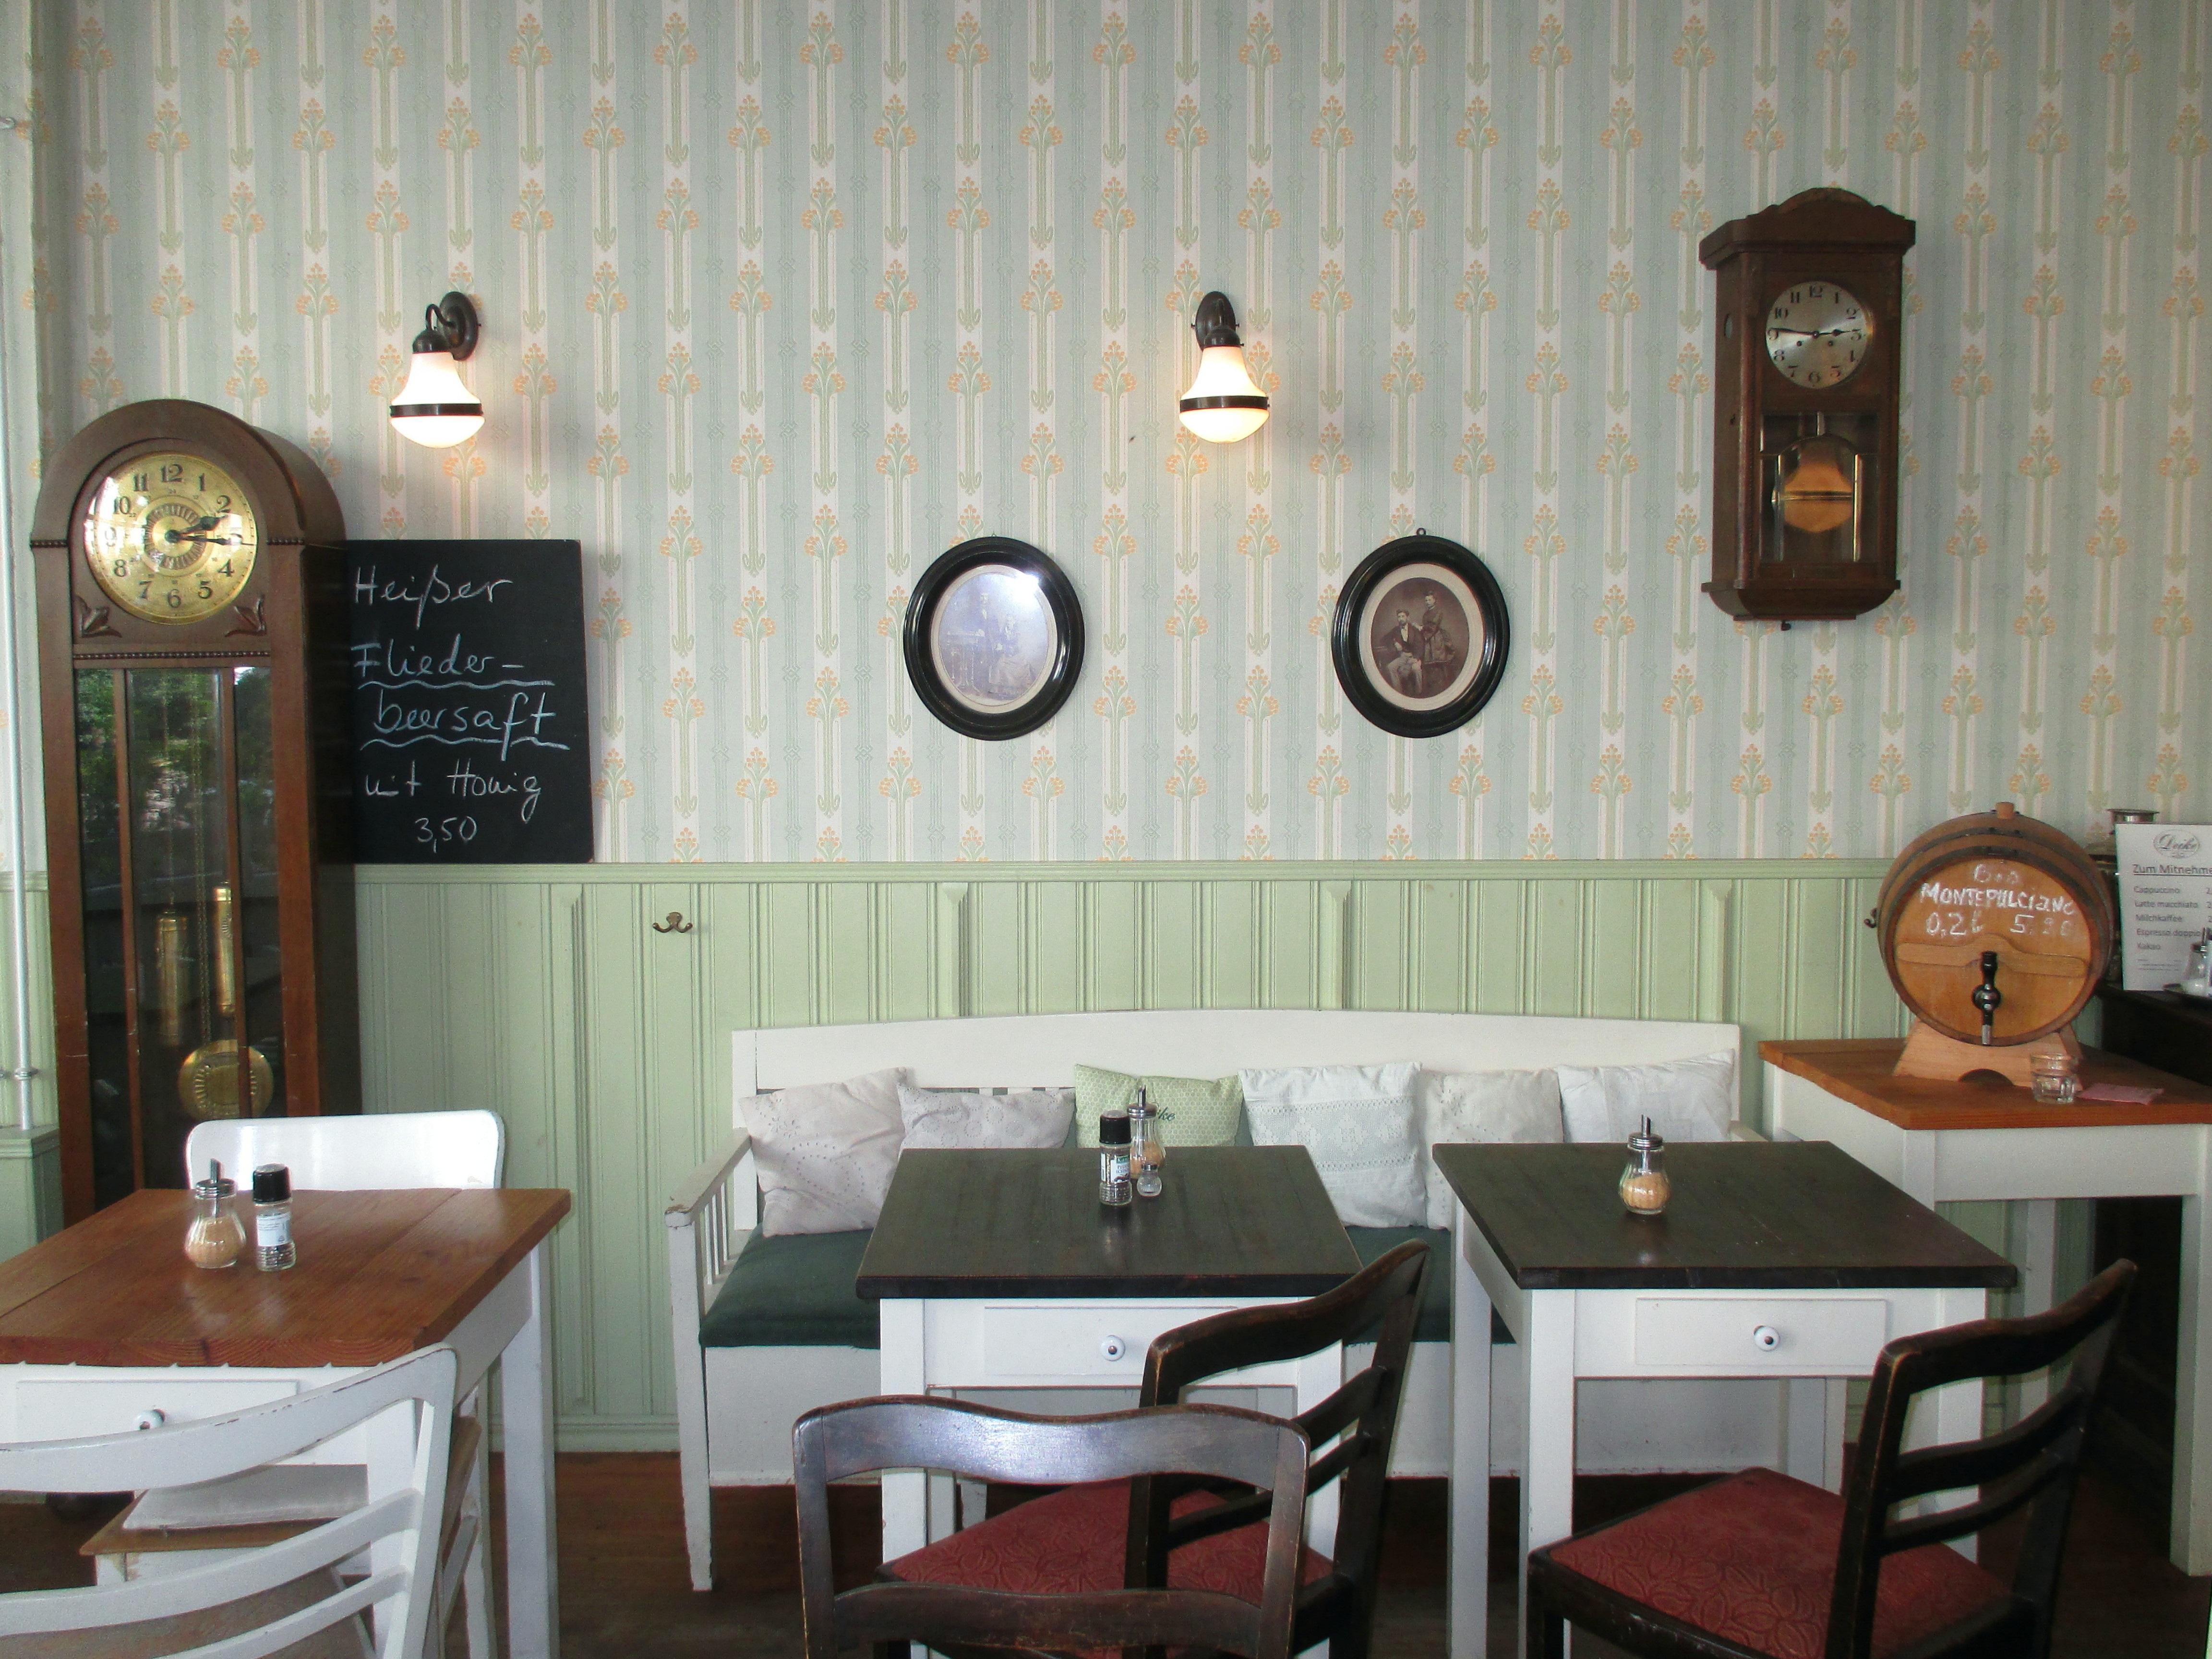 Sala Comedor Pequeño Diseño : Fotos gratis cafetería cabaña acogedor propiedad sala